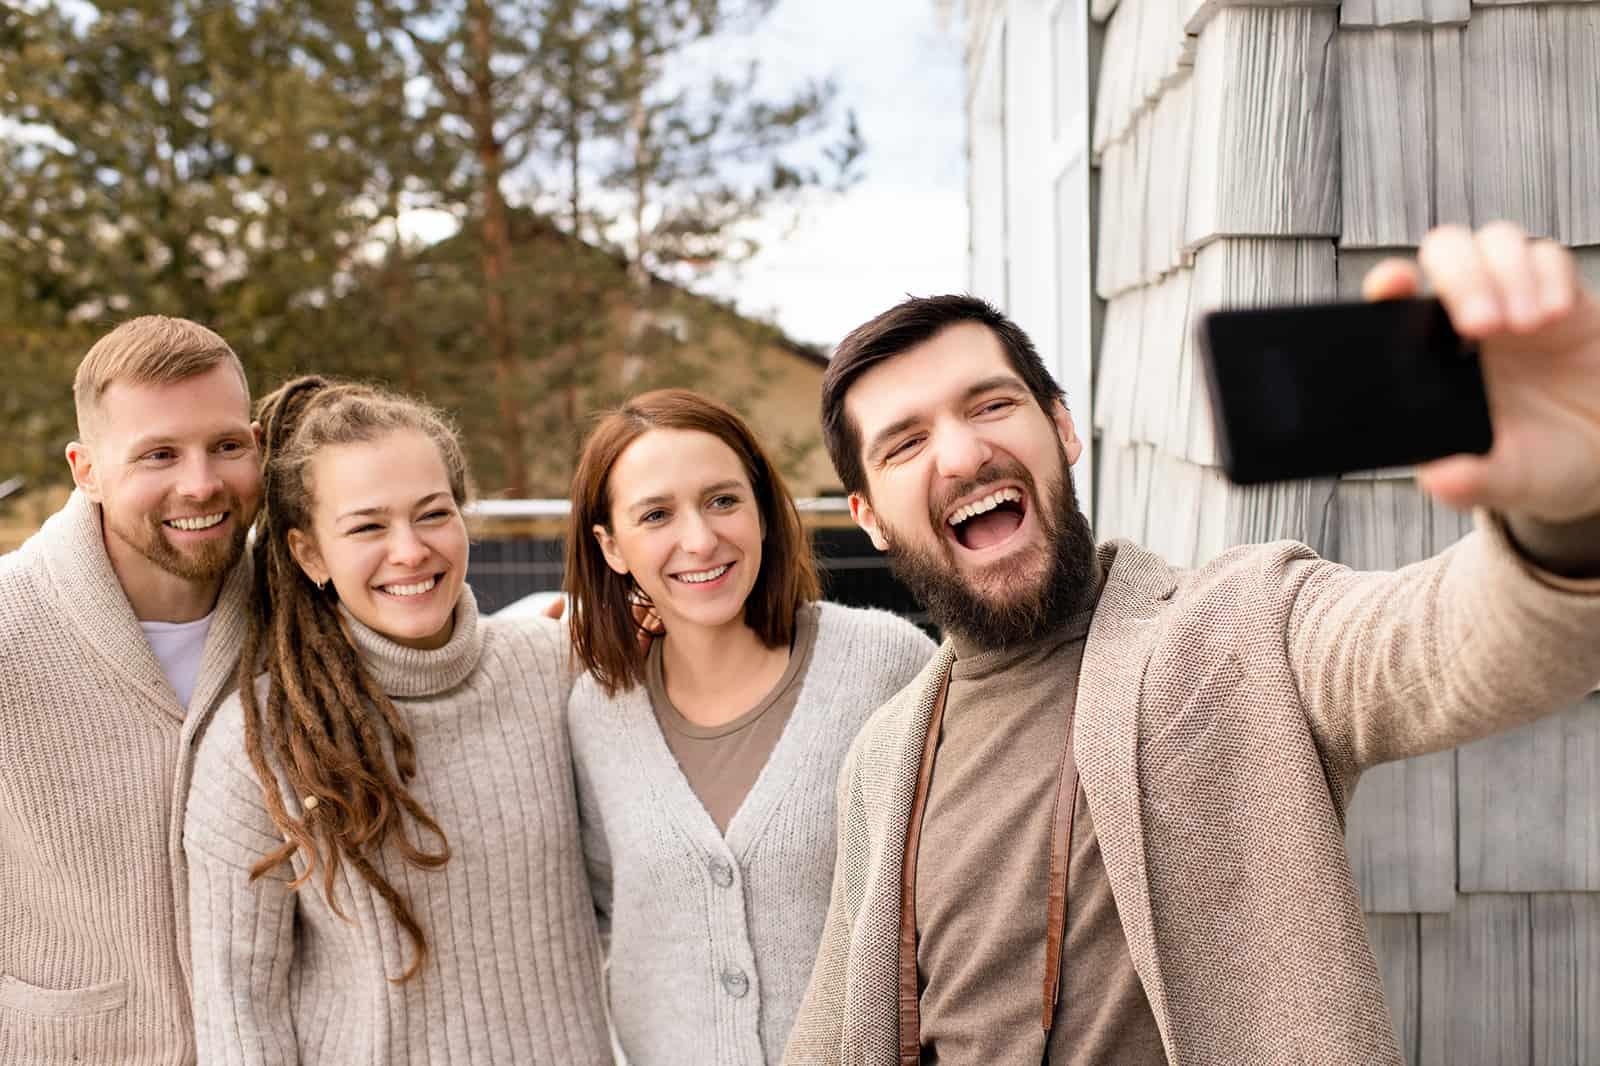 Gruppe von Freunden, die ein Selfie machen, während sie auf der Terrasse stehen